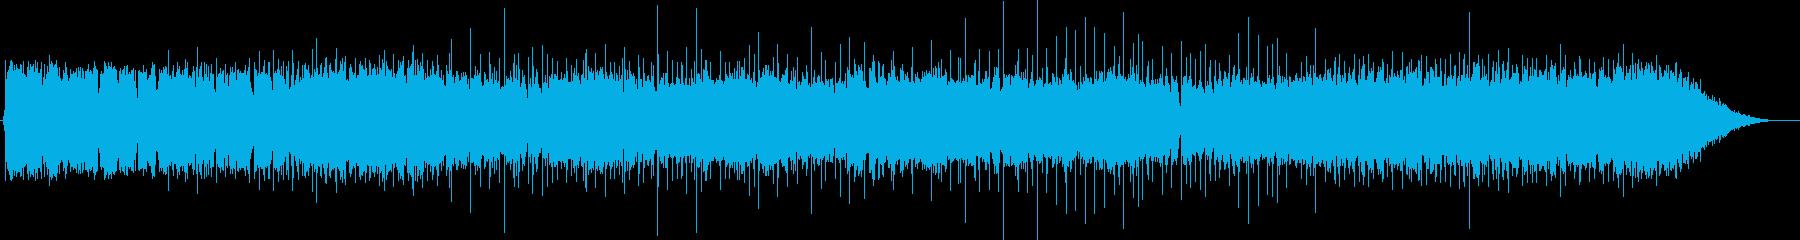 映像作品向け:有名なロック曲の代用としての再生済みの波形